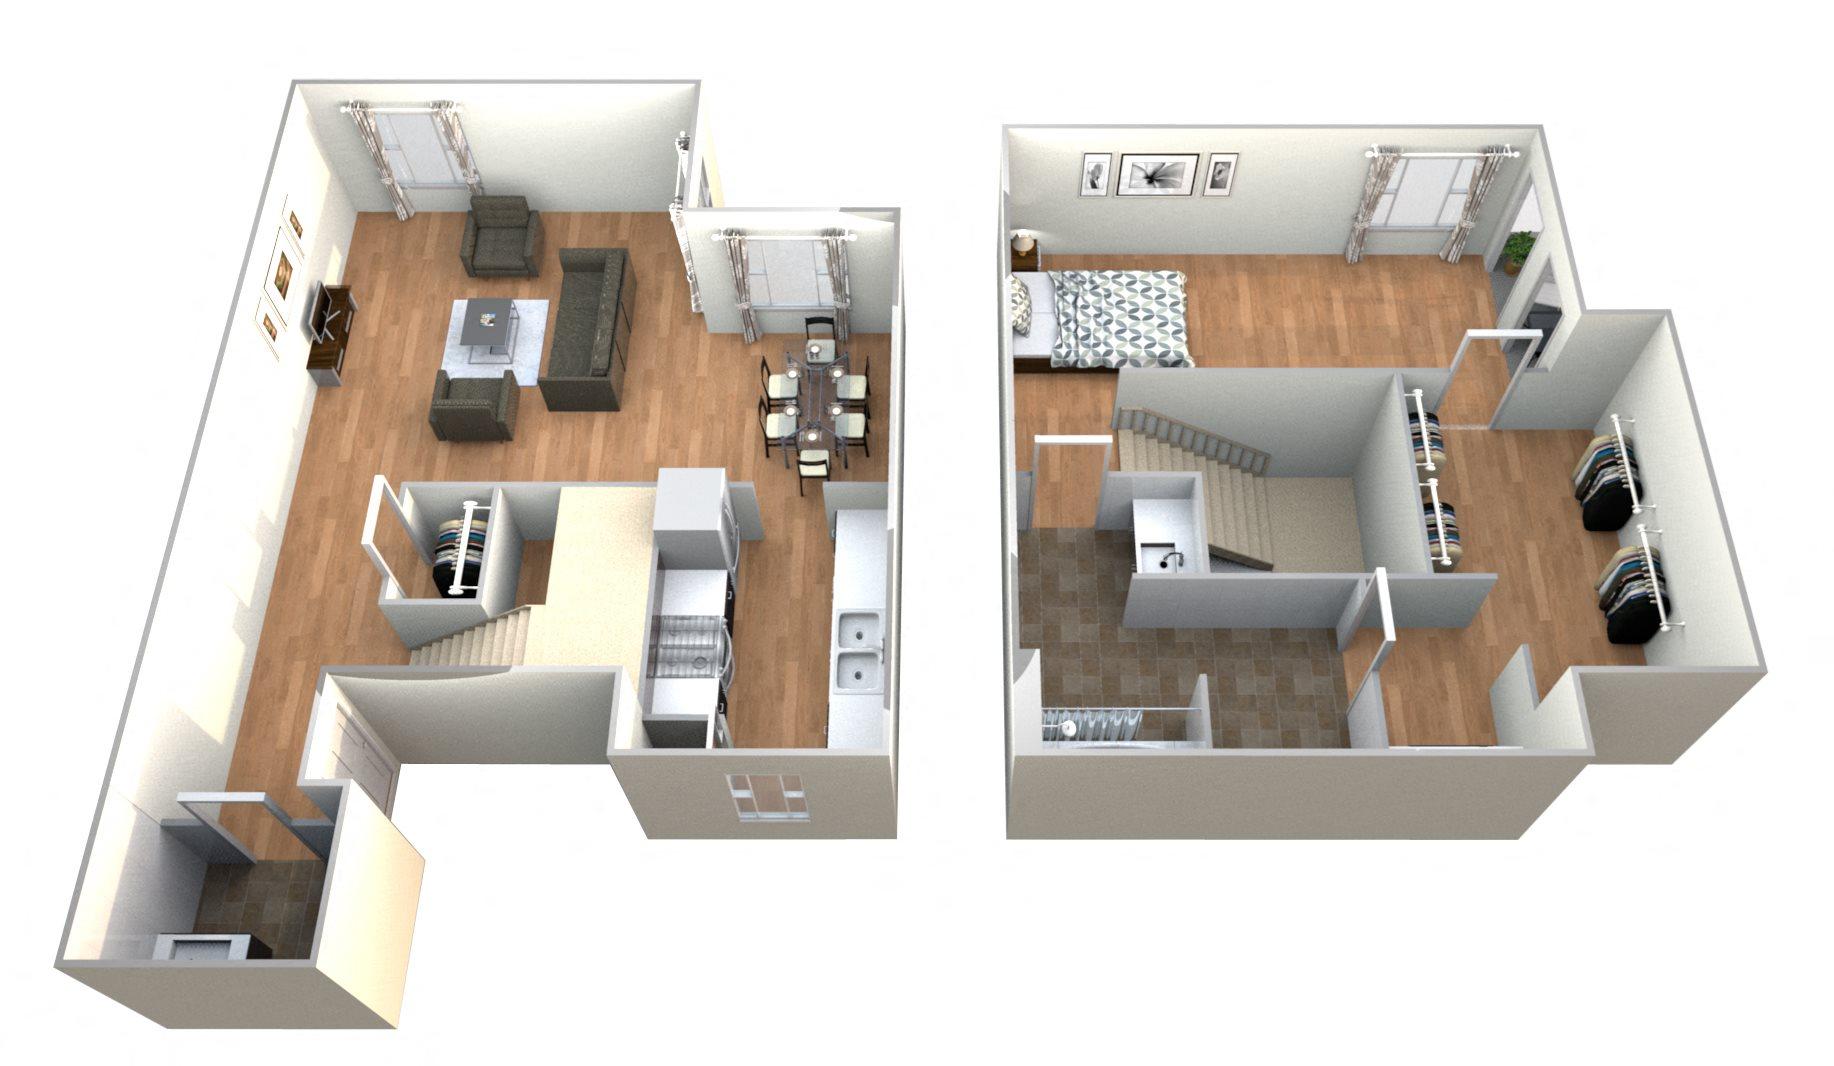 1 Bed 1Bath T Floor Plan 9